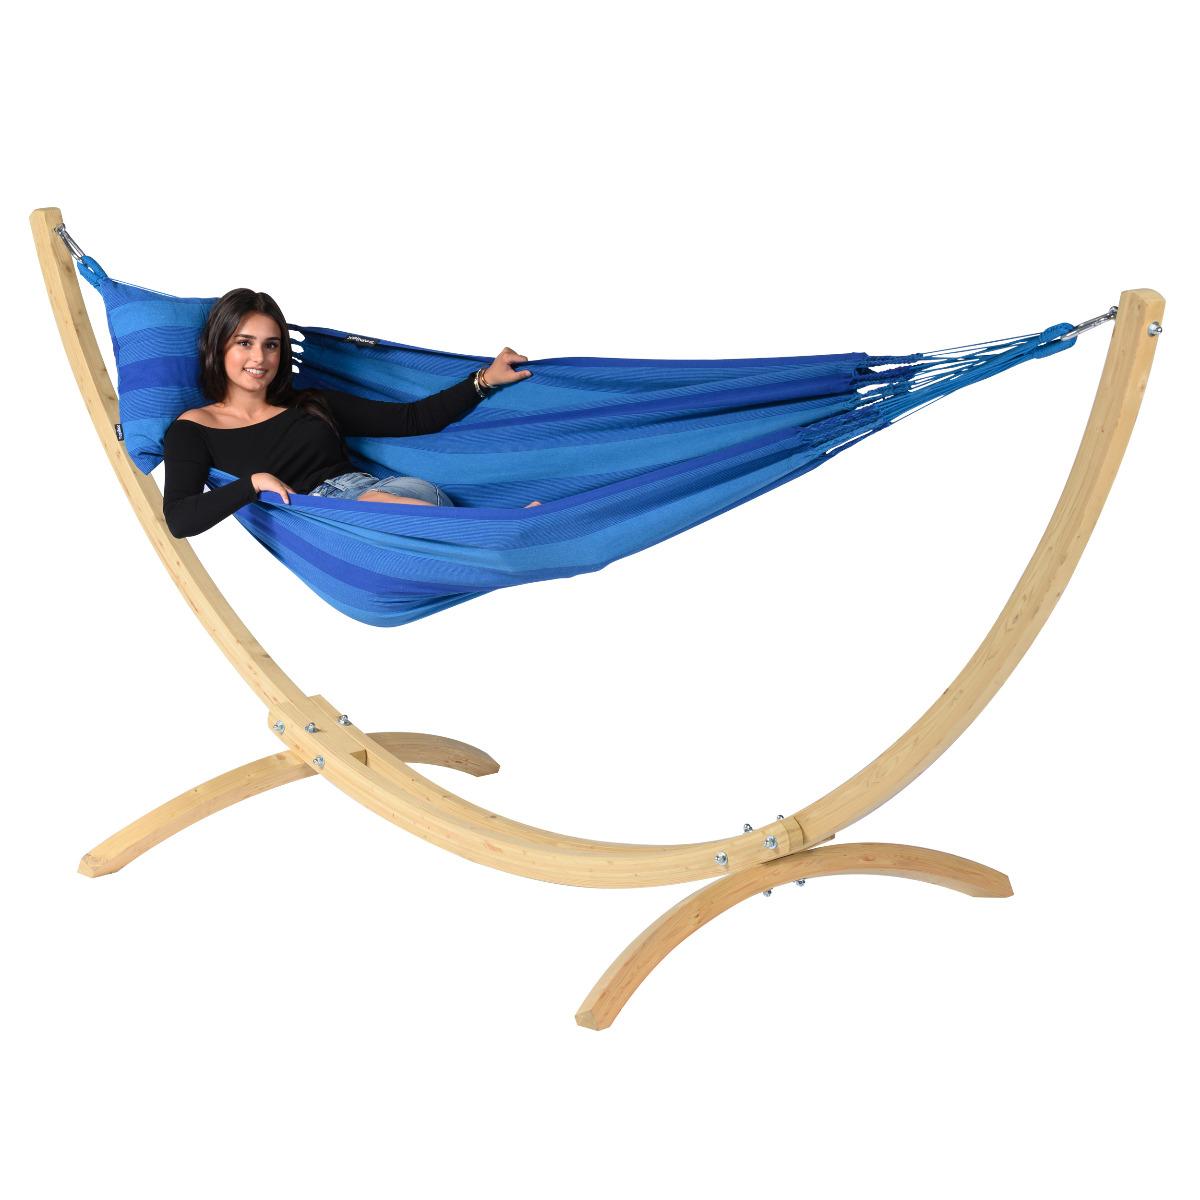 'Wood & Dream' Blue E�npersoons Hangmatset - Blauw - Tropilex �